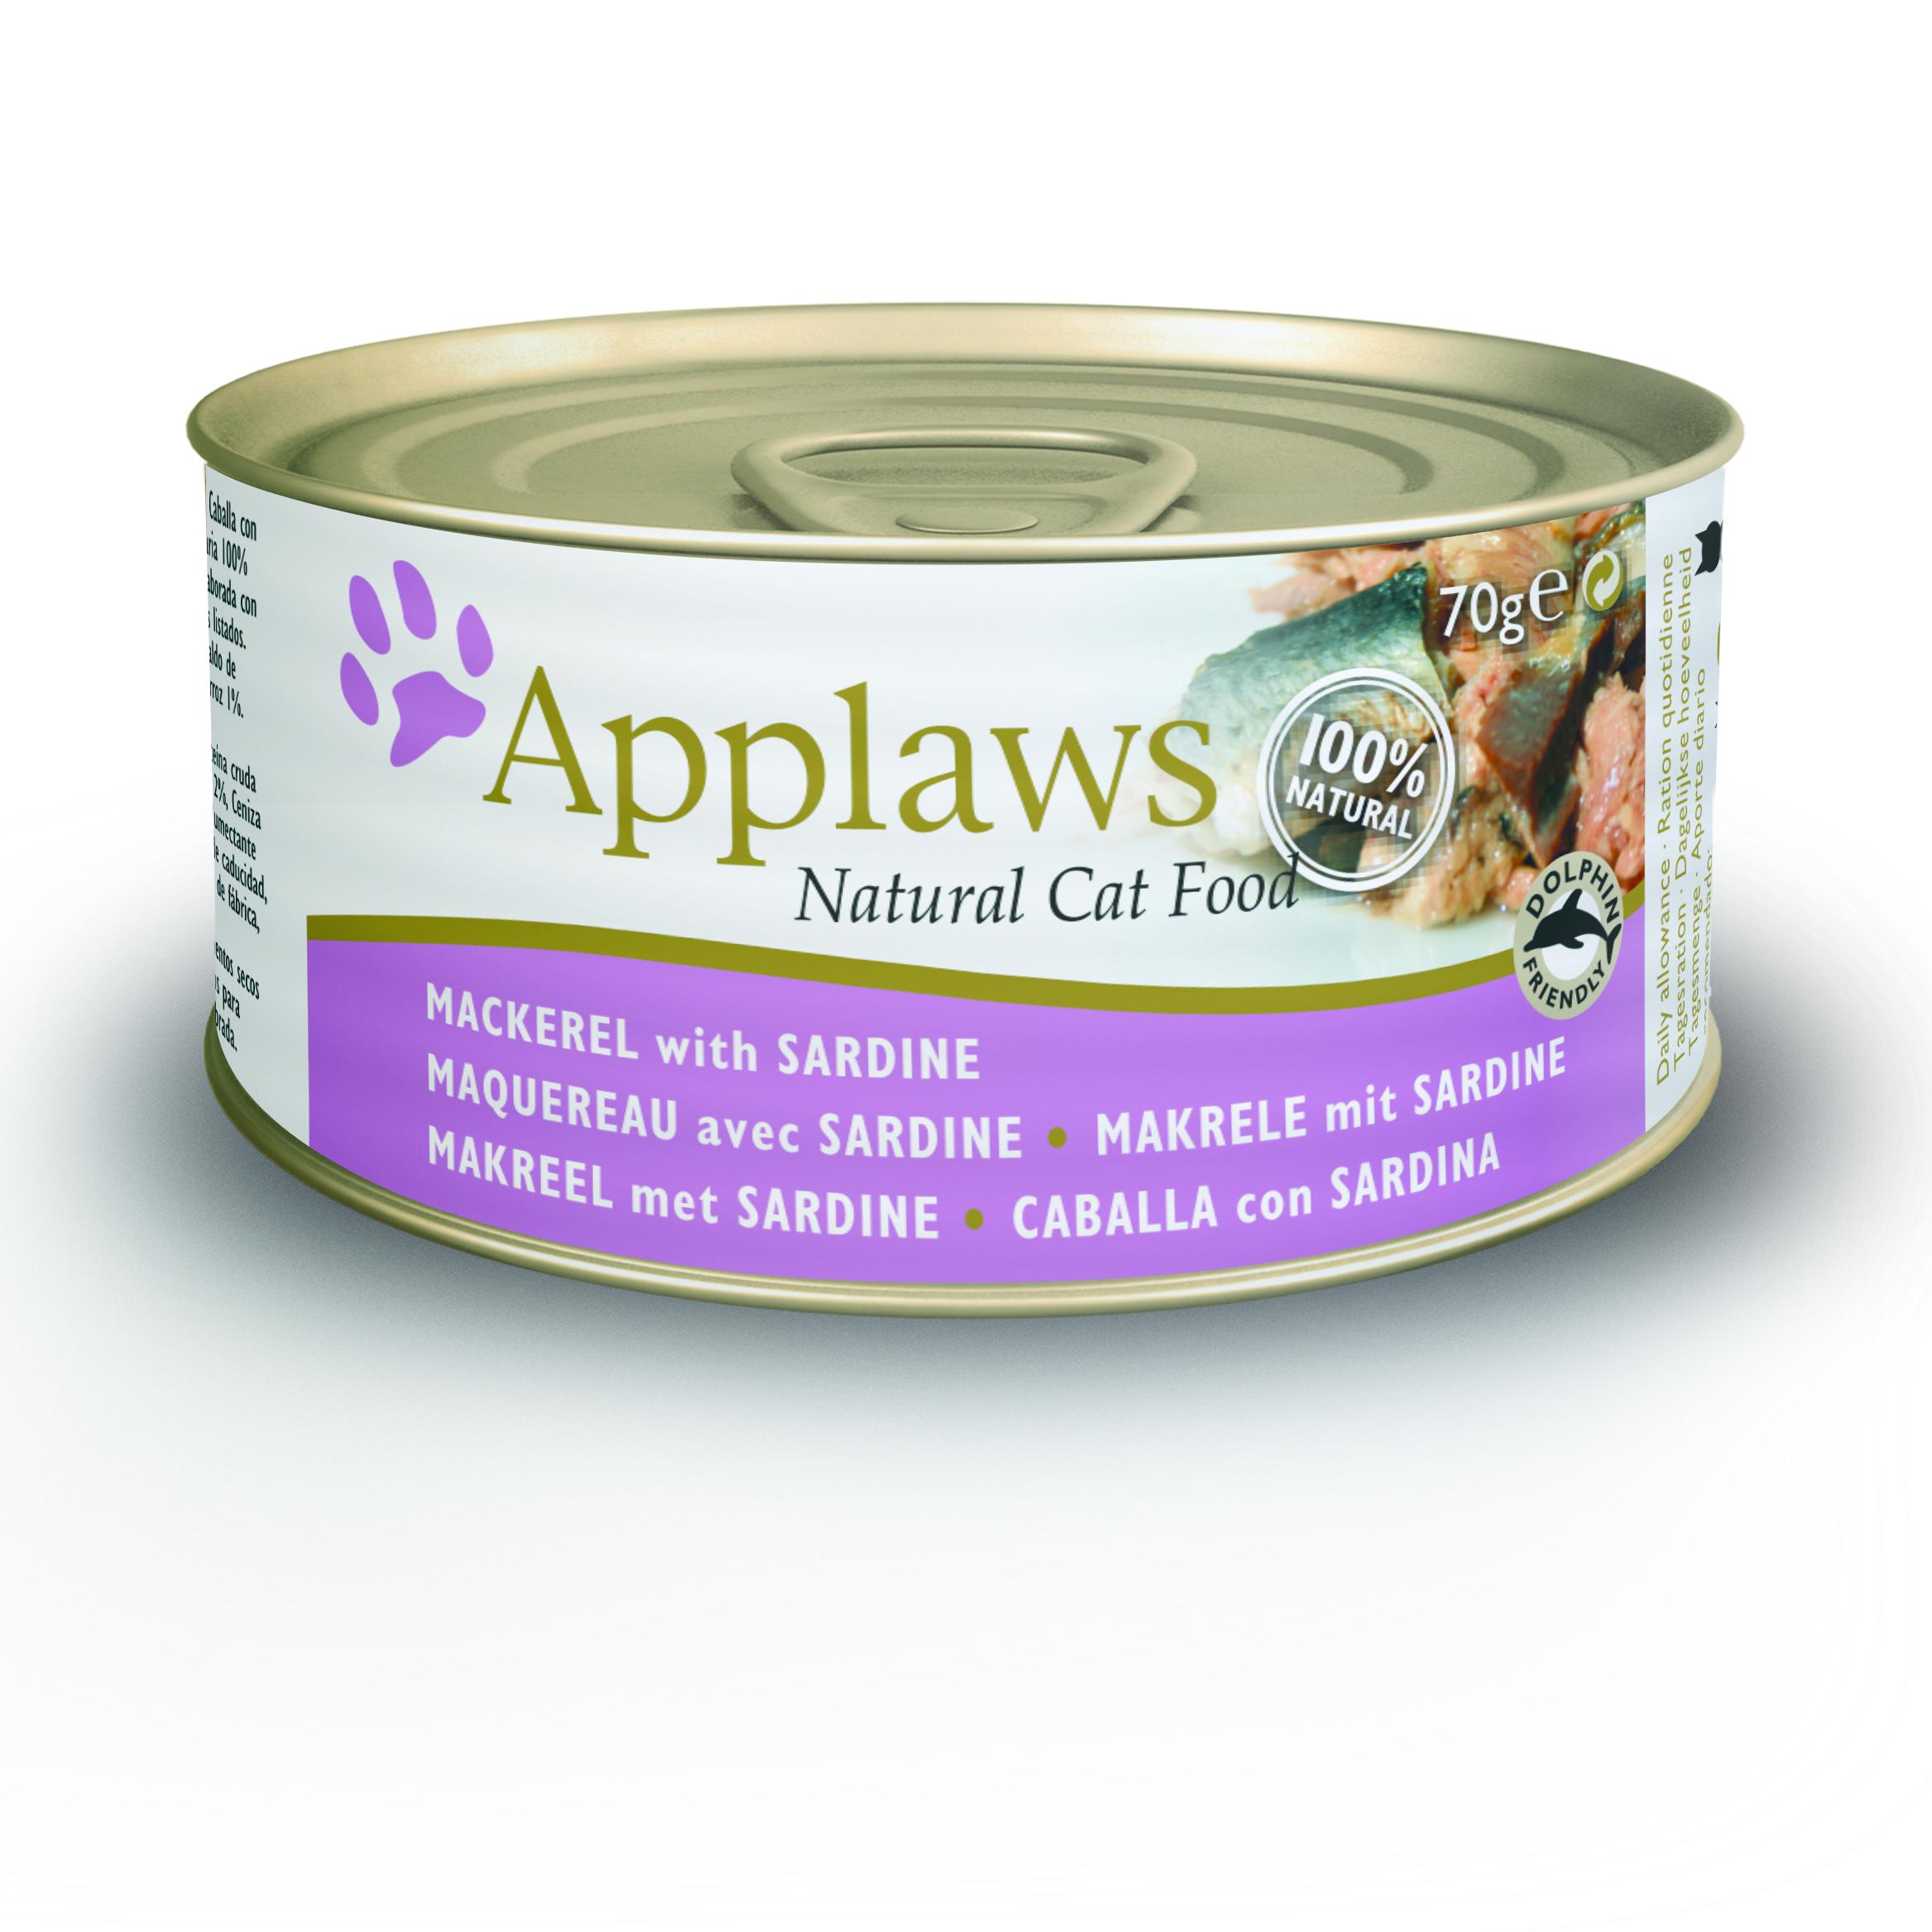 Latinha gato Applaws 70g - Cavala com sardinha